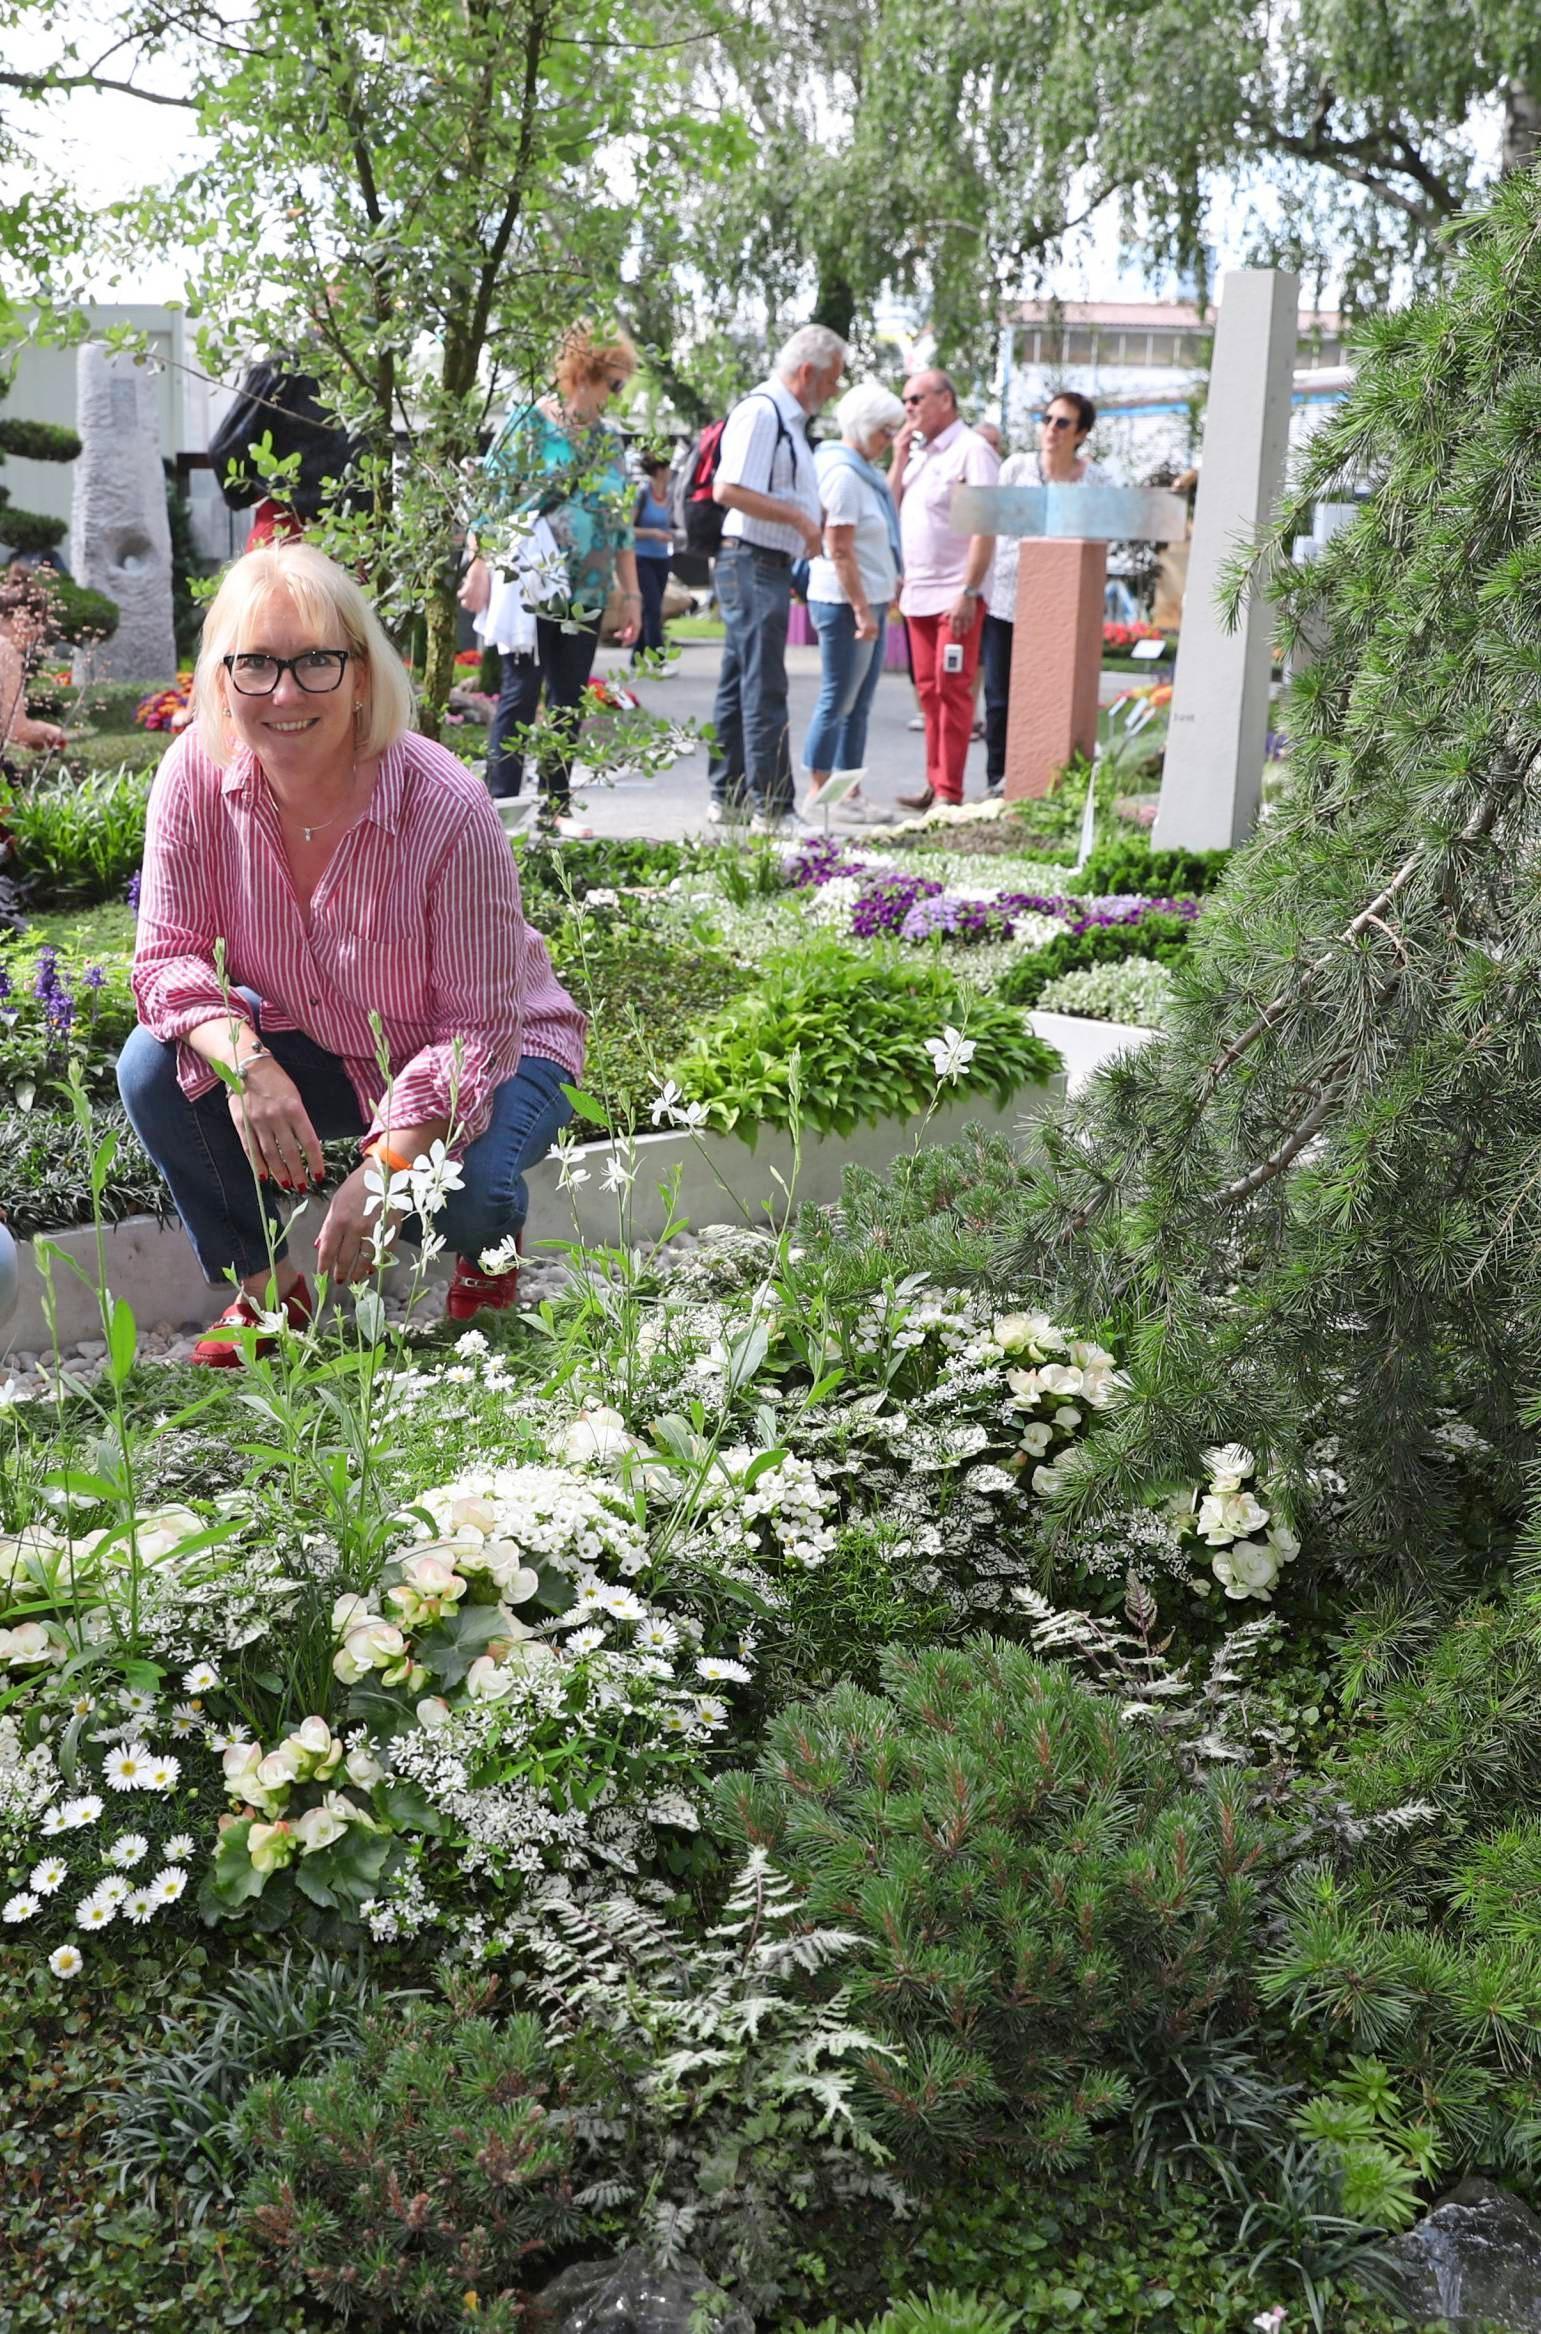 Auch Friedhöfe können grüne Entspannungszonen sein. Anregungen gibt es am Mittwoch, 2. Oktober, im Campus-Park.